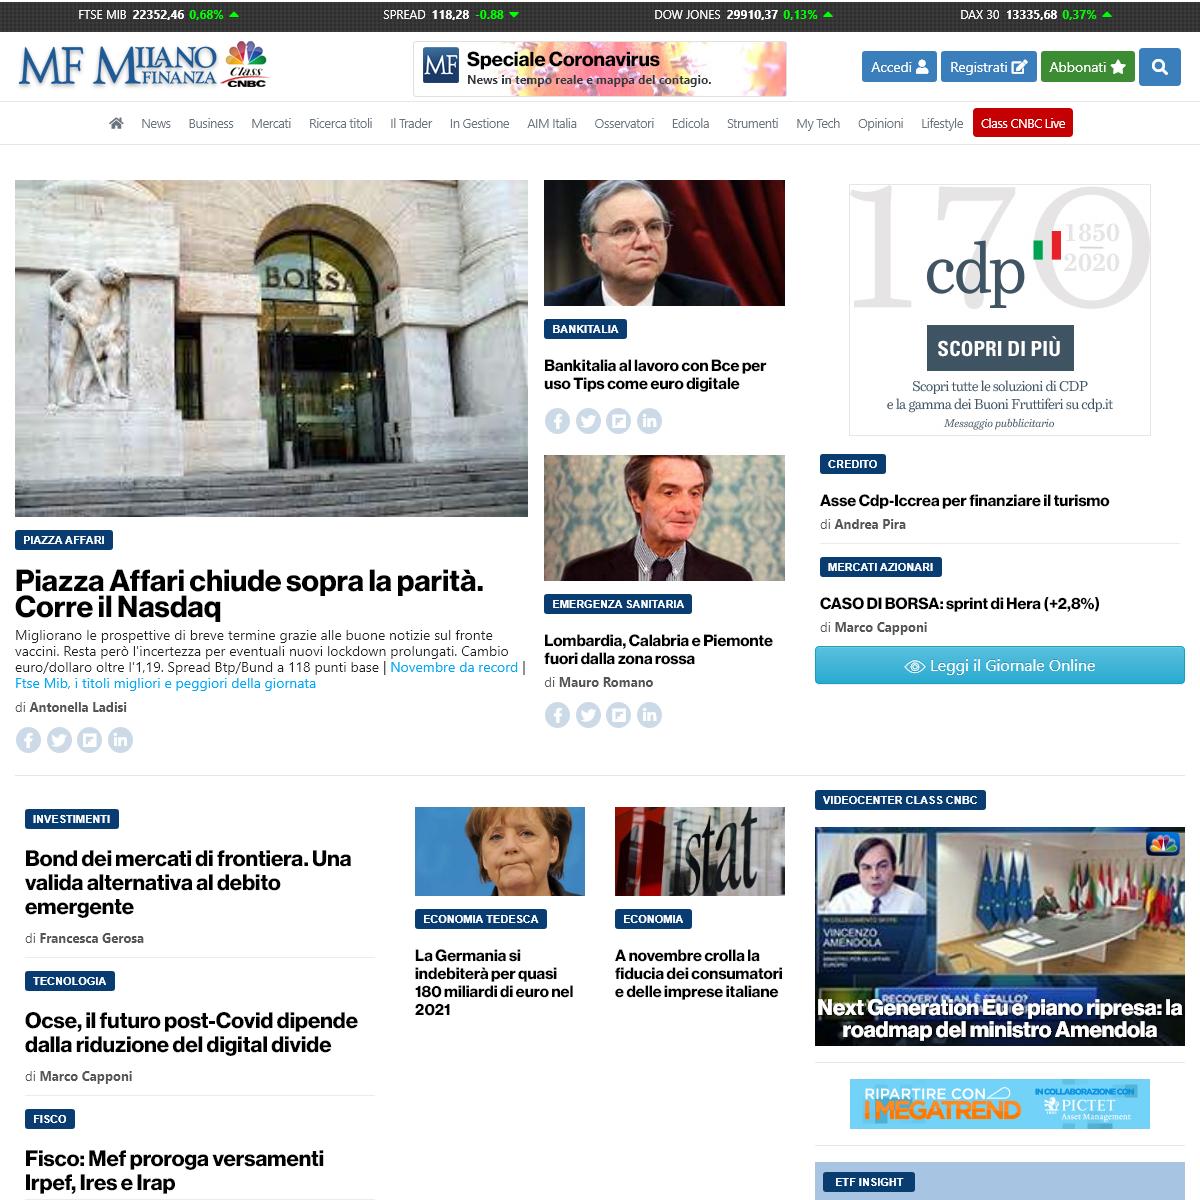 Milano Finanza - news di economia, finanza, fisco e borsa in tempo reale